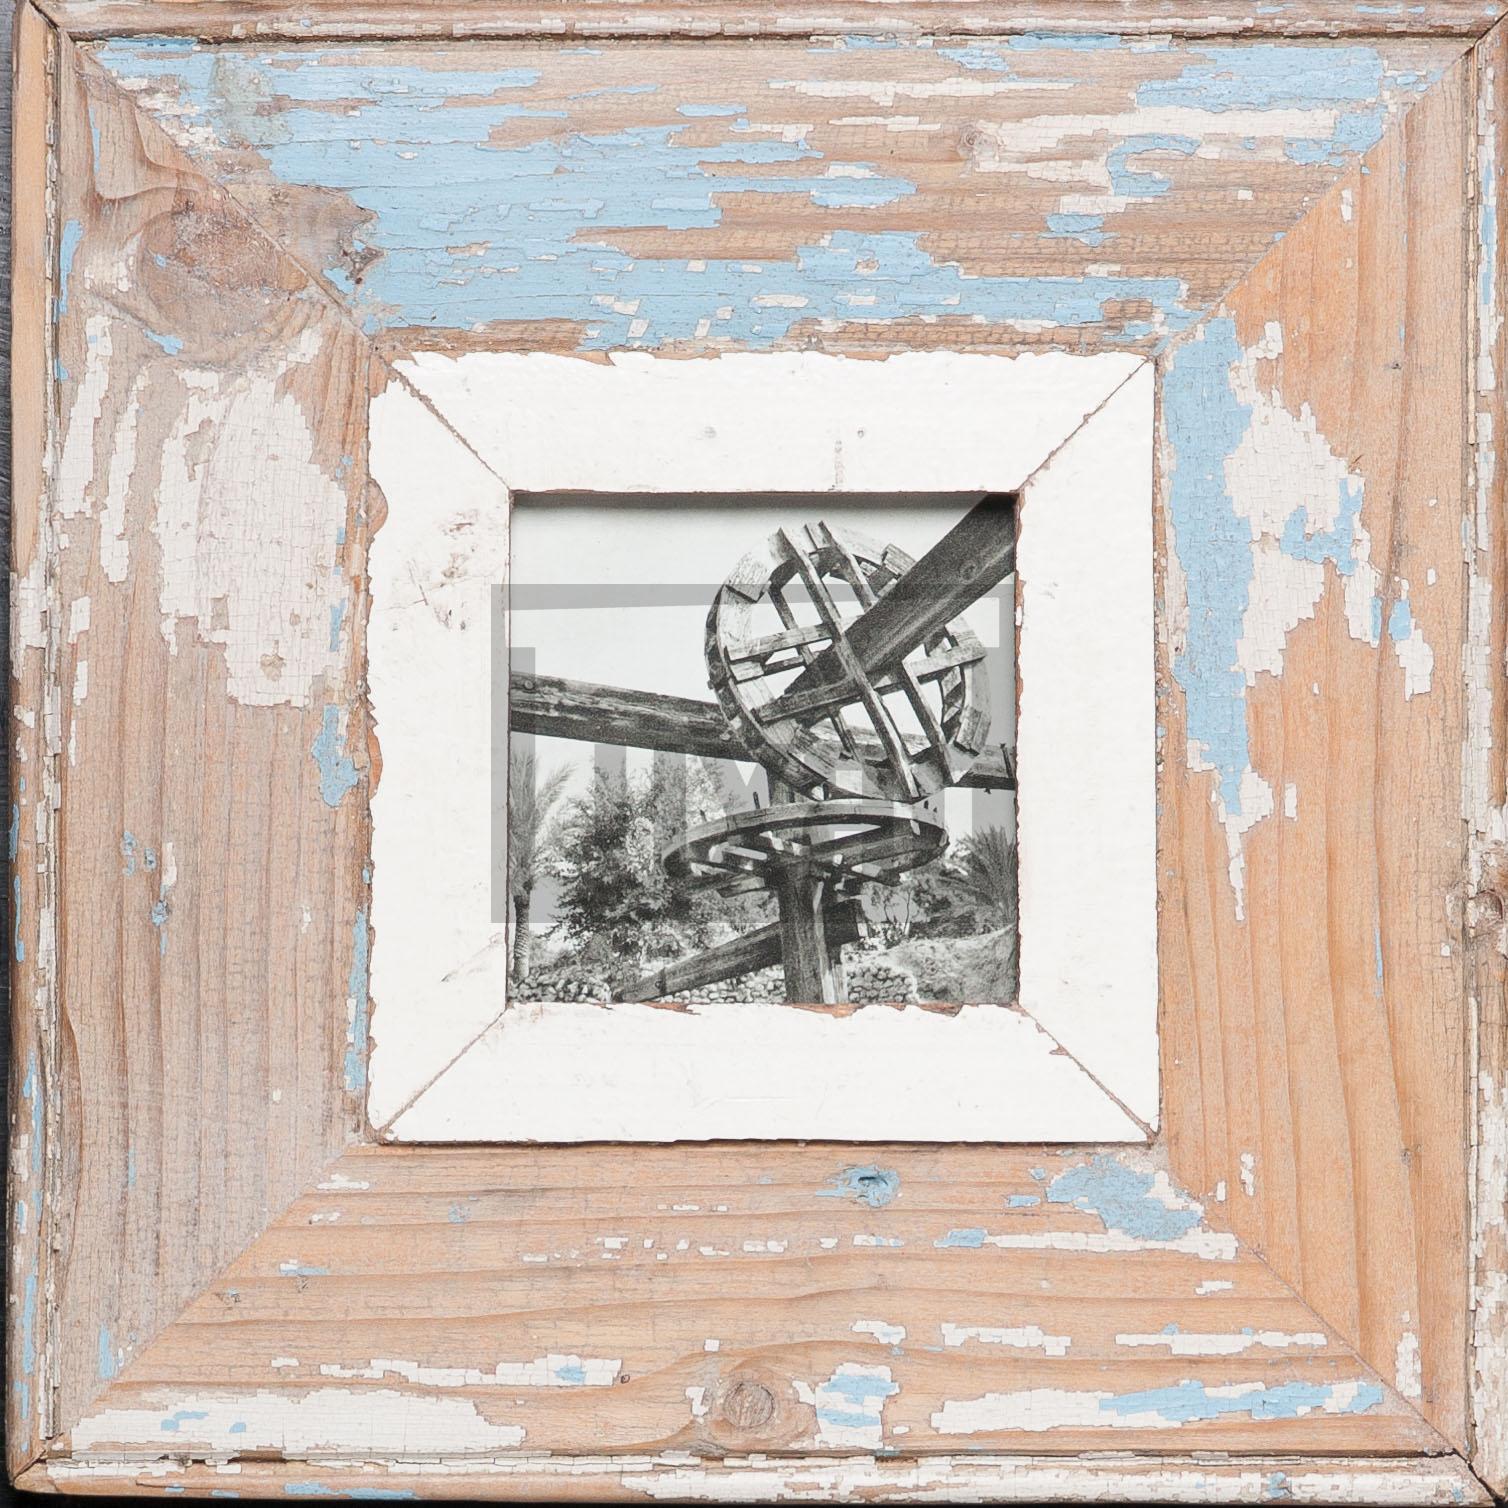 Quadratischer Bilderrahmen aus recyceltem Holz für kleine quadratische Fotos